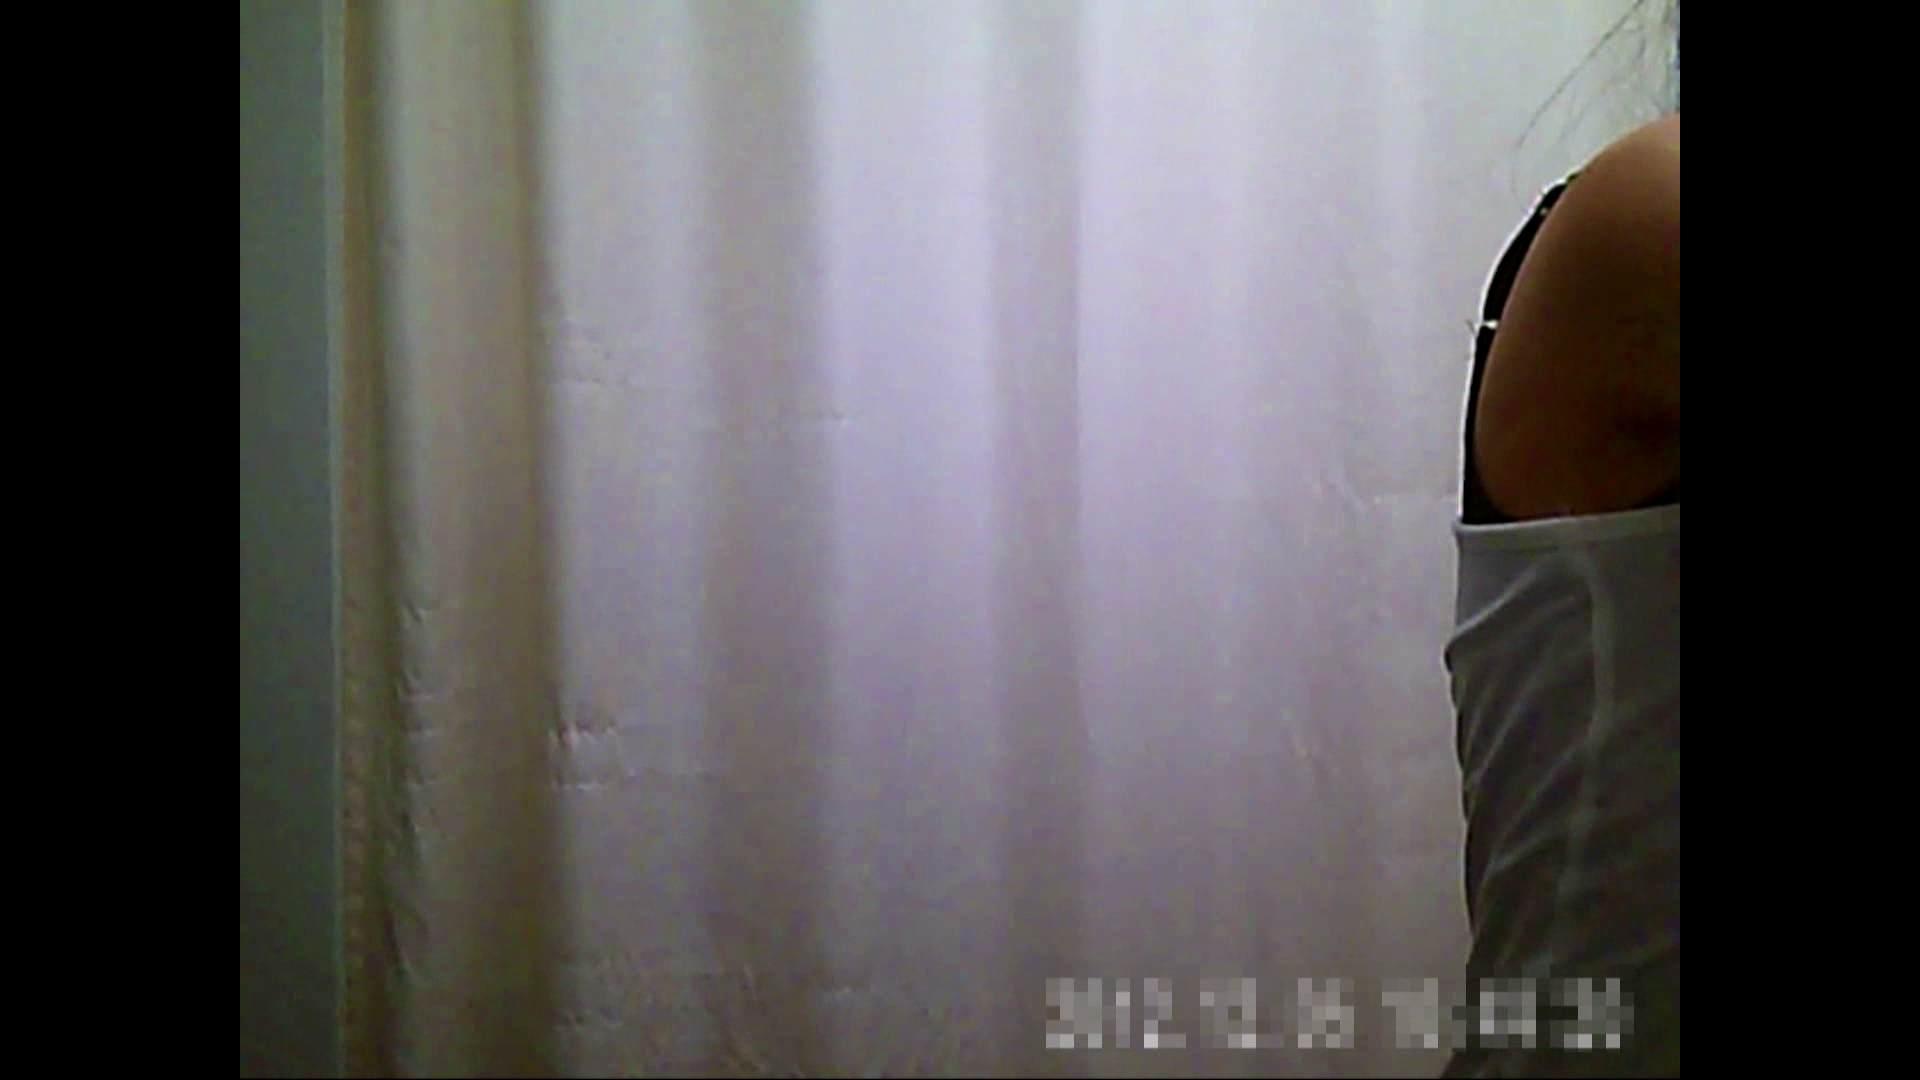 元医者による反抗 更衣室地獄絵巻 vol.128 OL  71pic 26